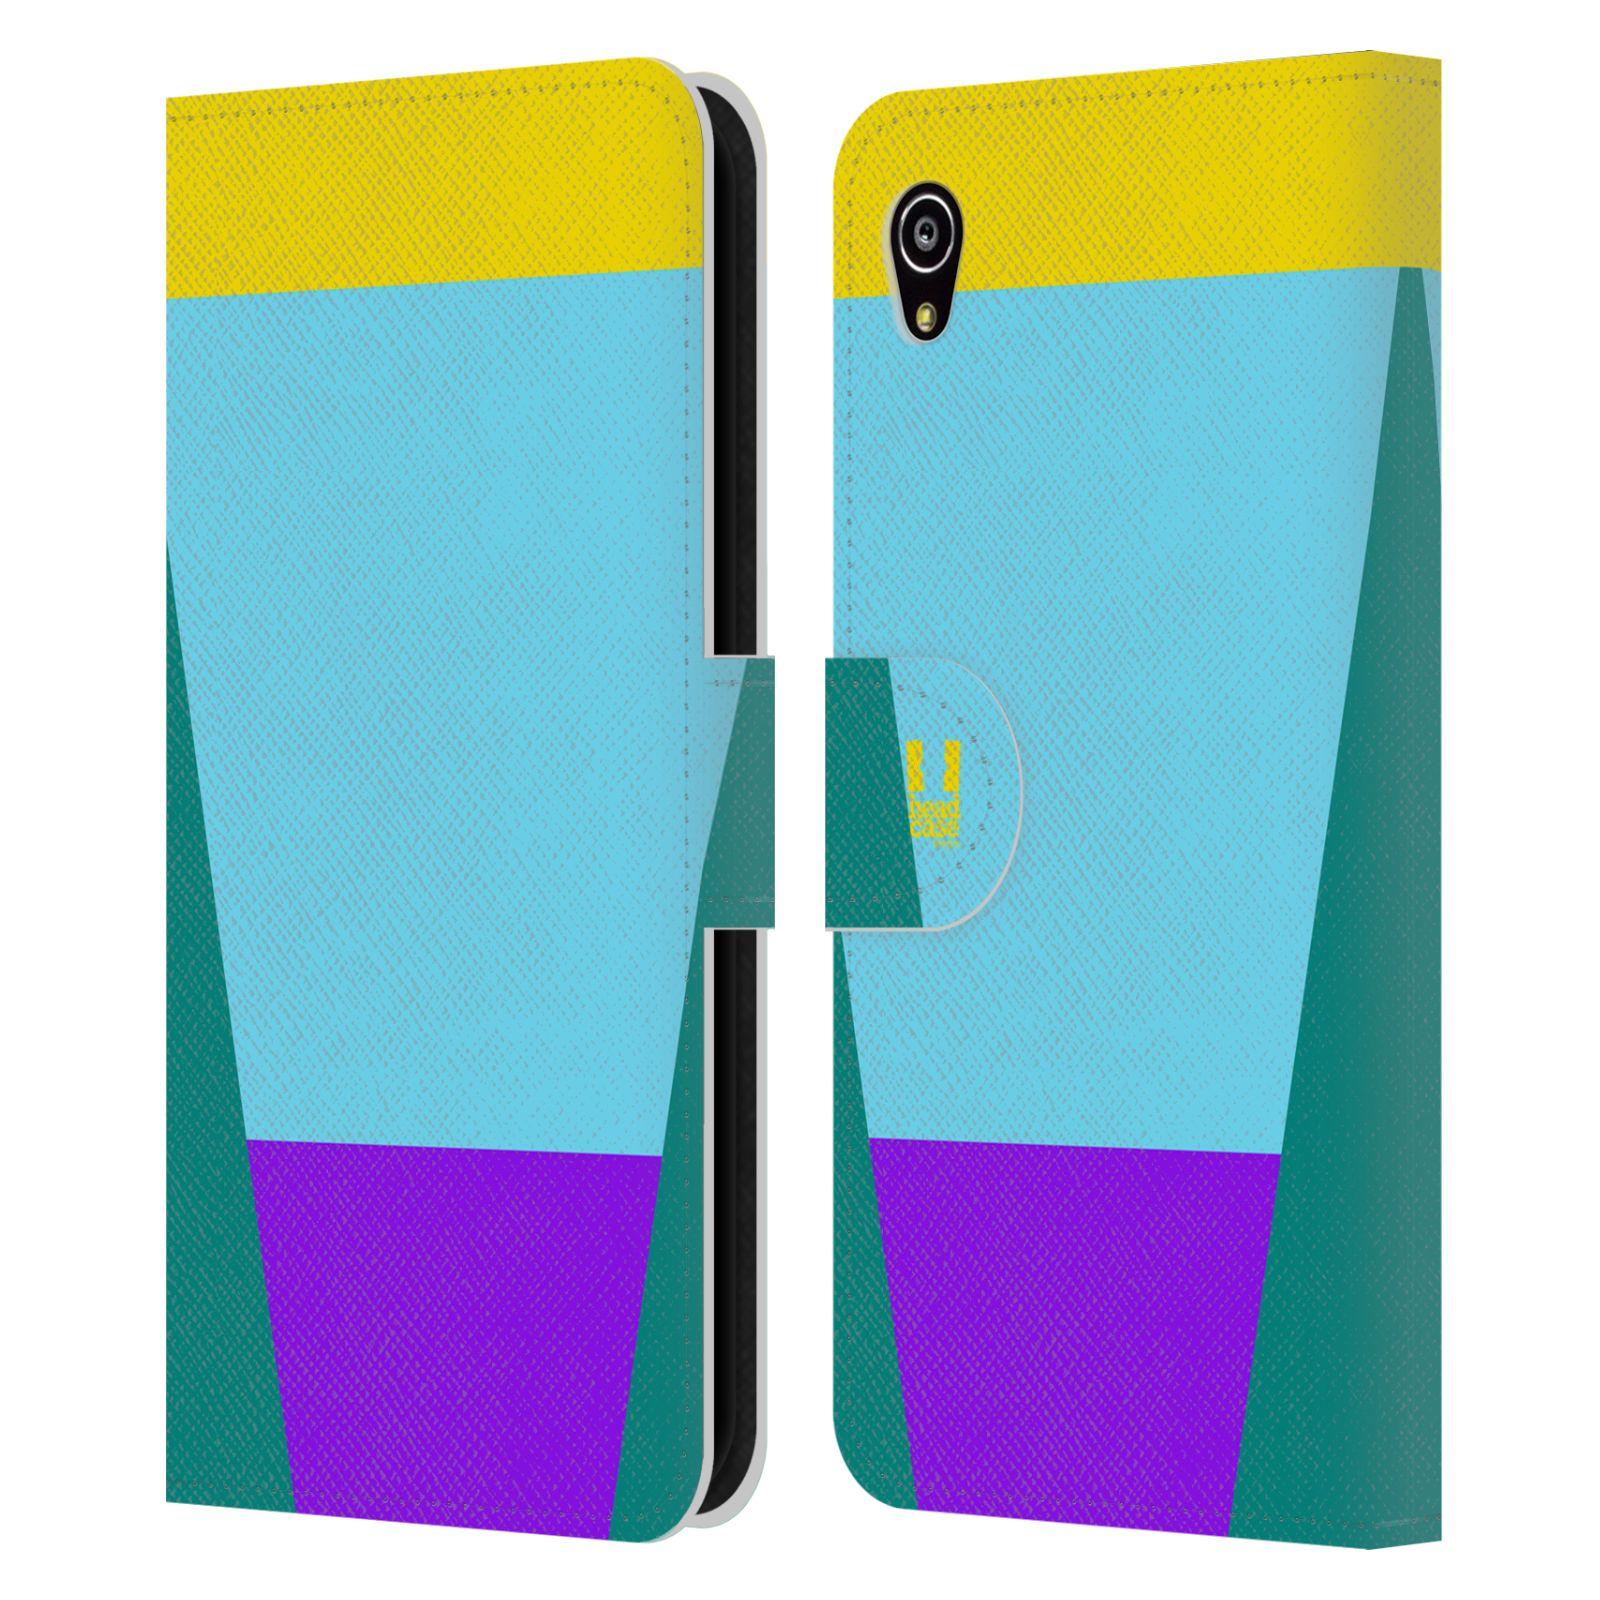 HEAD CASE Flipové pouzdro pro mobil SONY Xperia M4 Aqua barevné tvary nebesky modrá